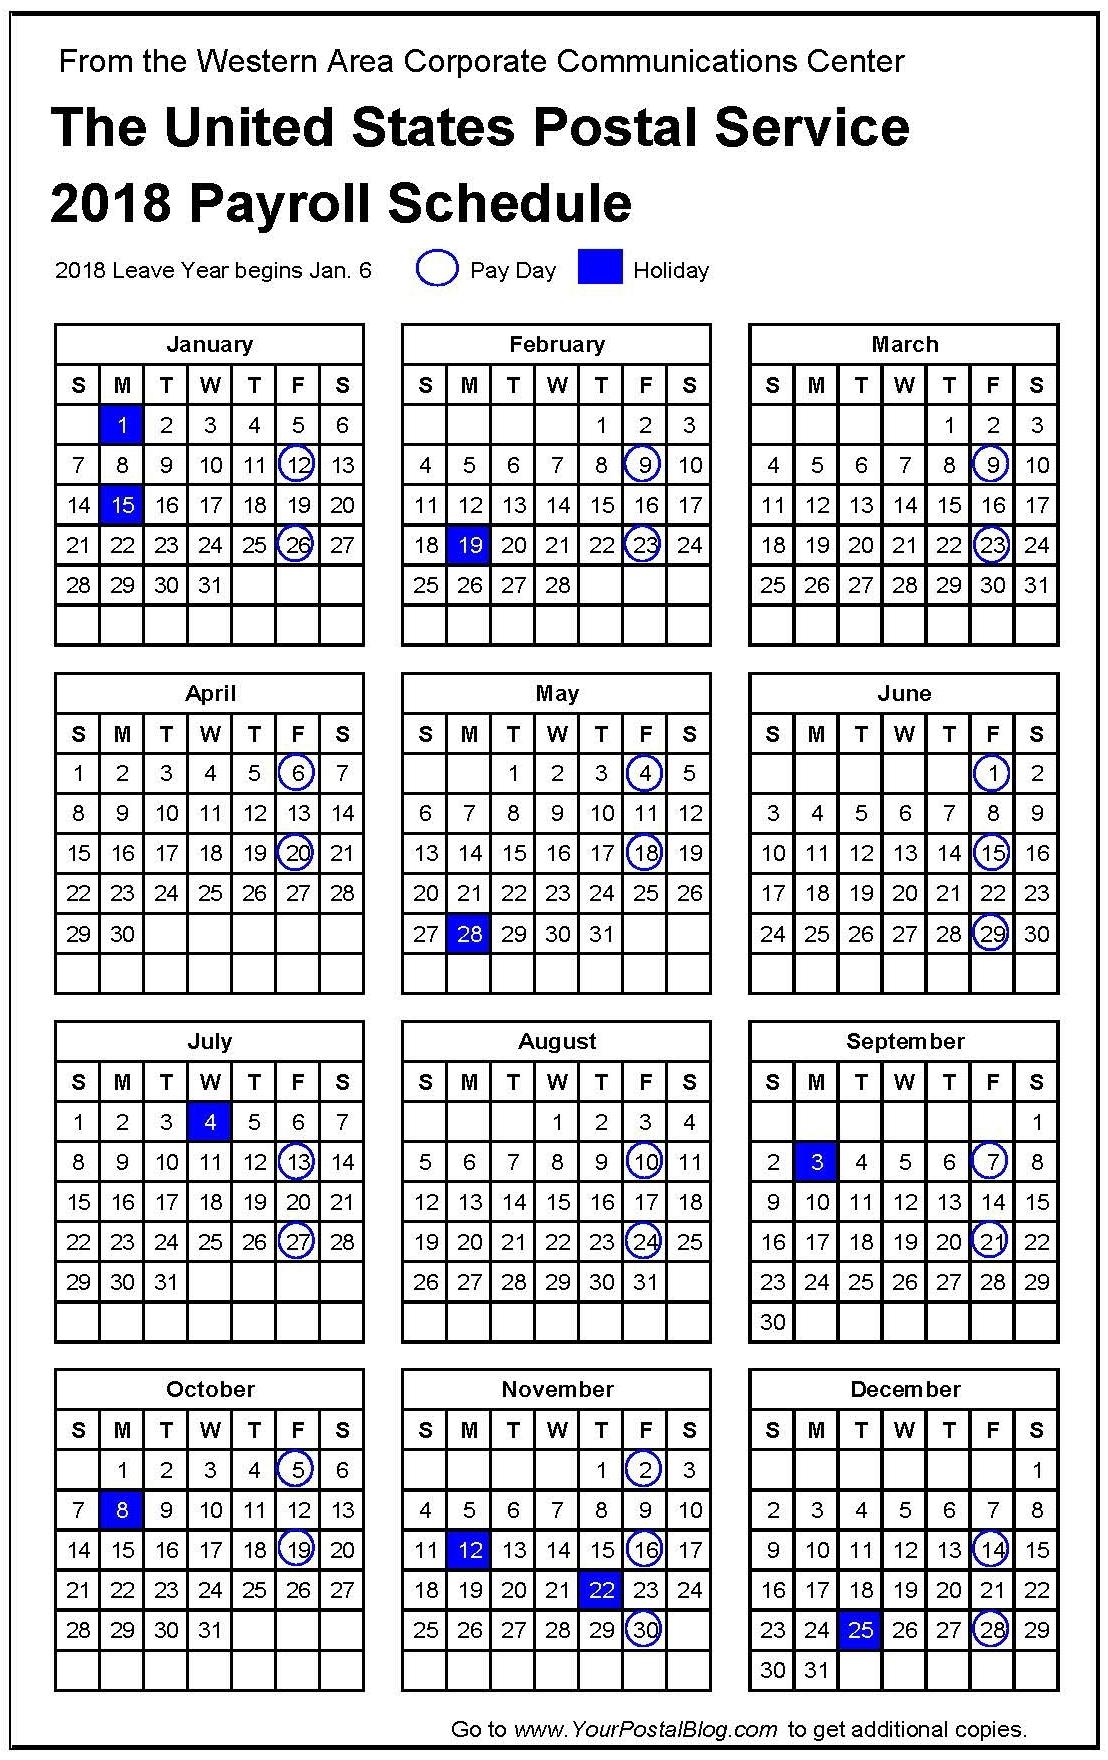 2018 Postal Payroll Calendar | Your Postal Blog